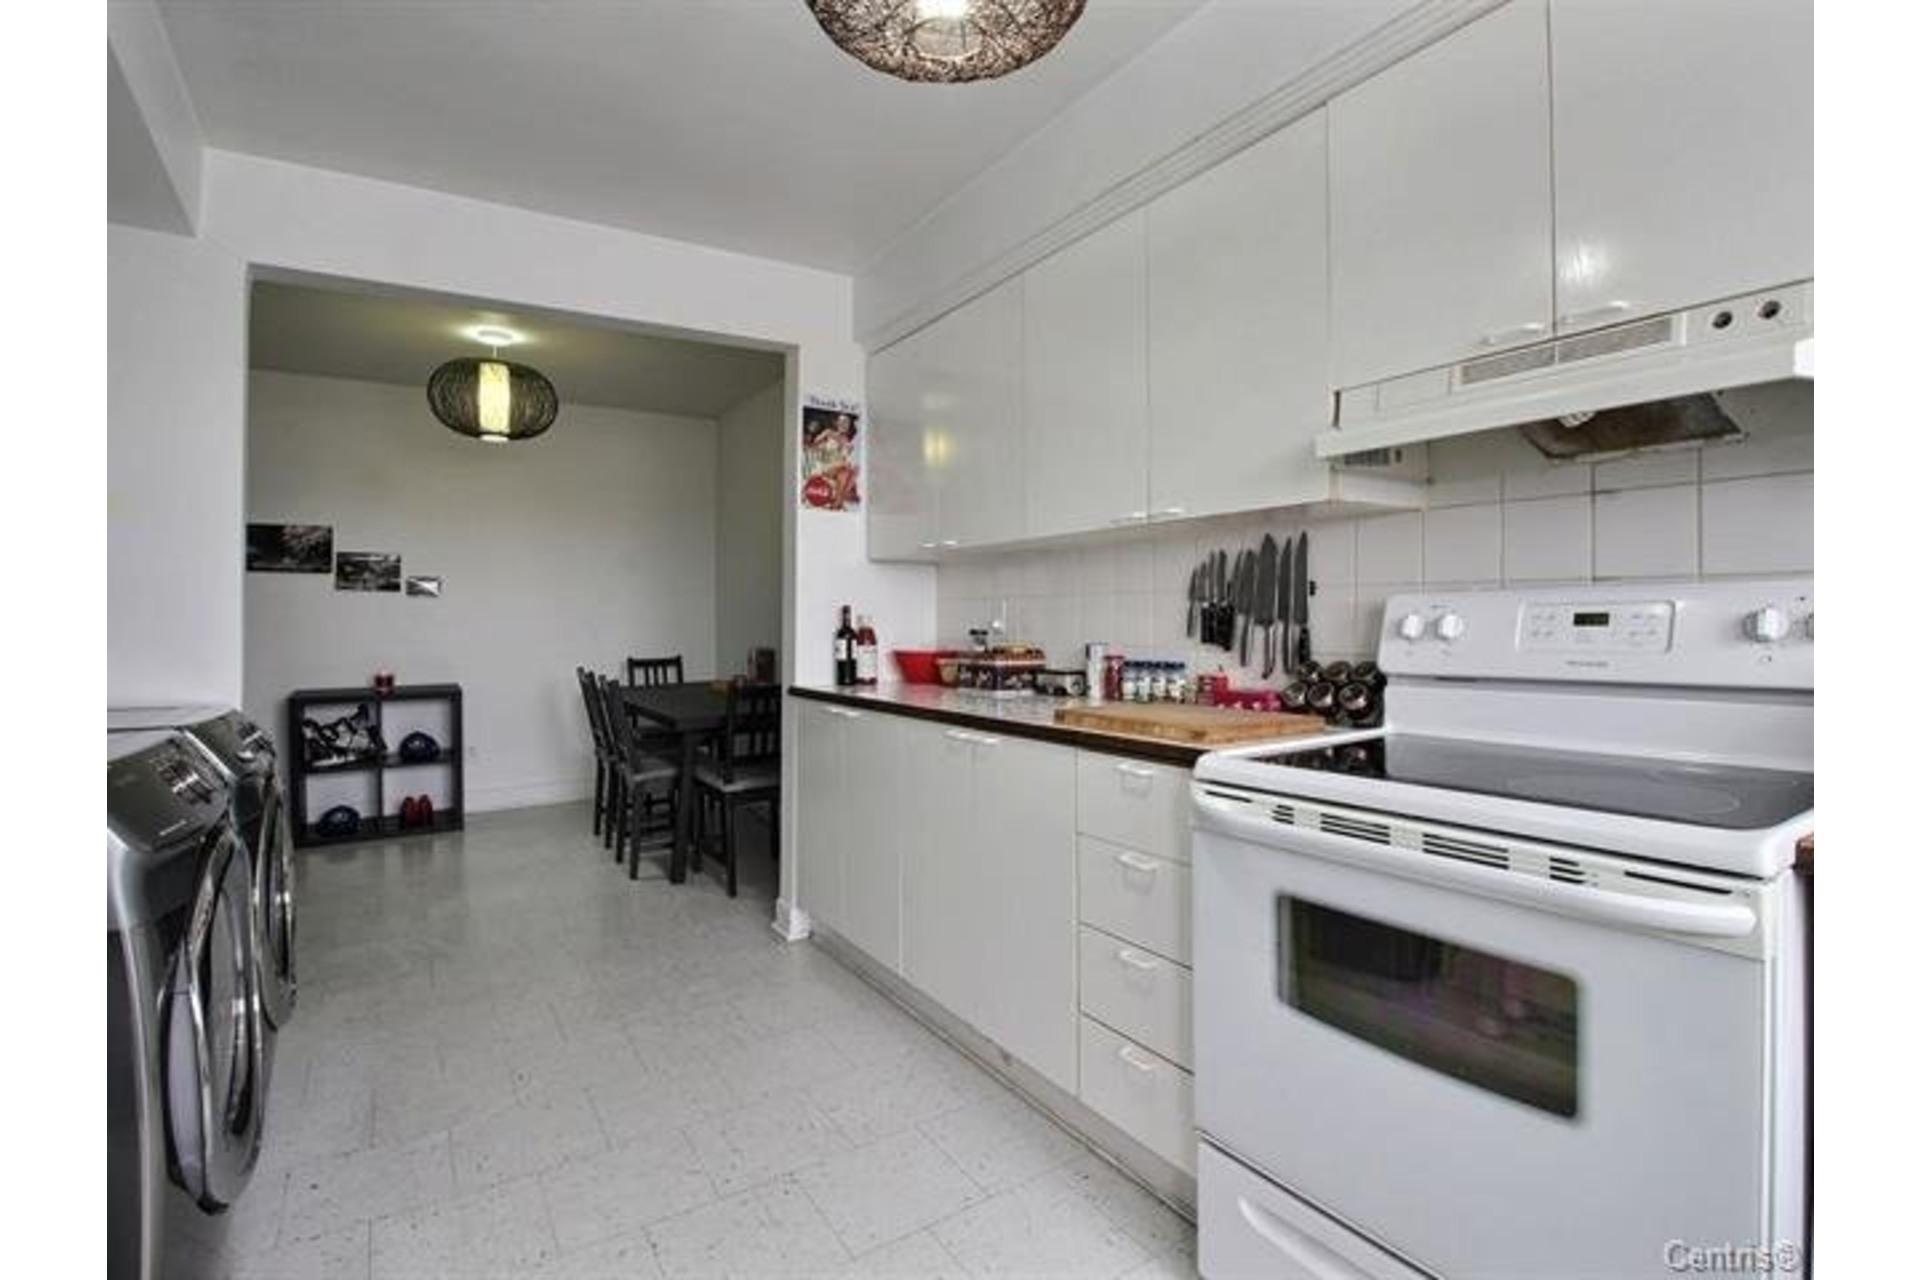 image 9 - Apartment For rent Montréal Mercier/Hochelaga-Maisonneuve  - 7 rooms